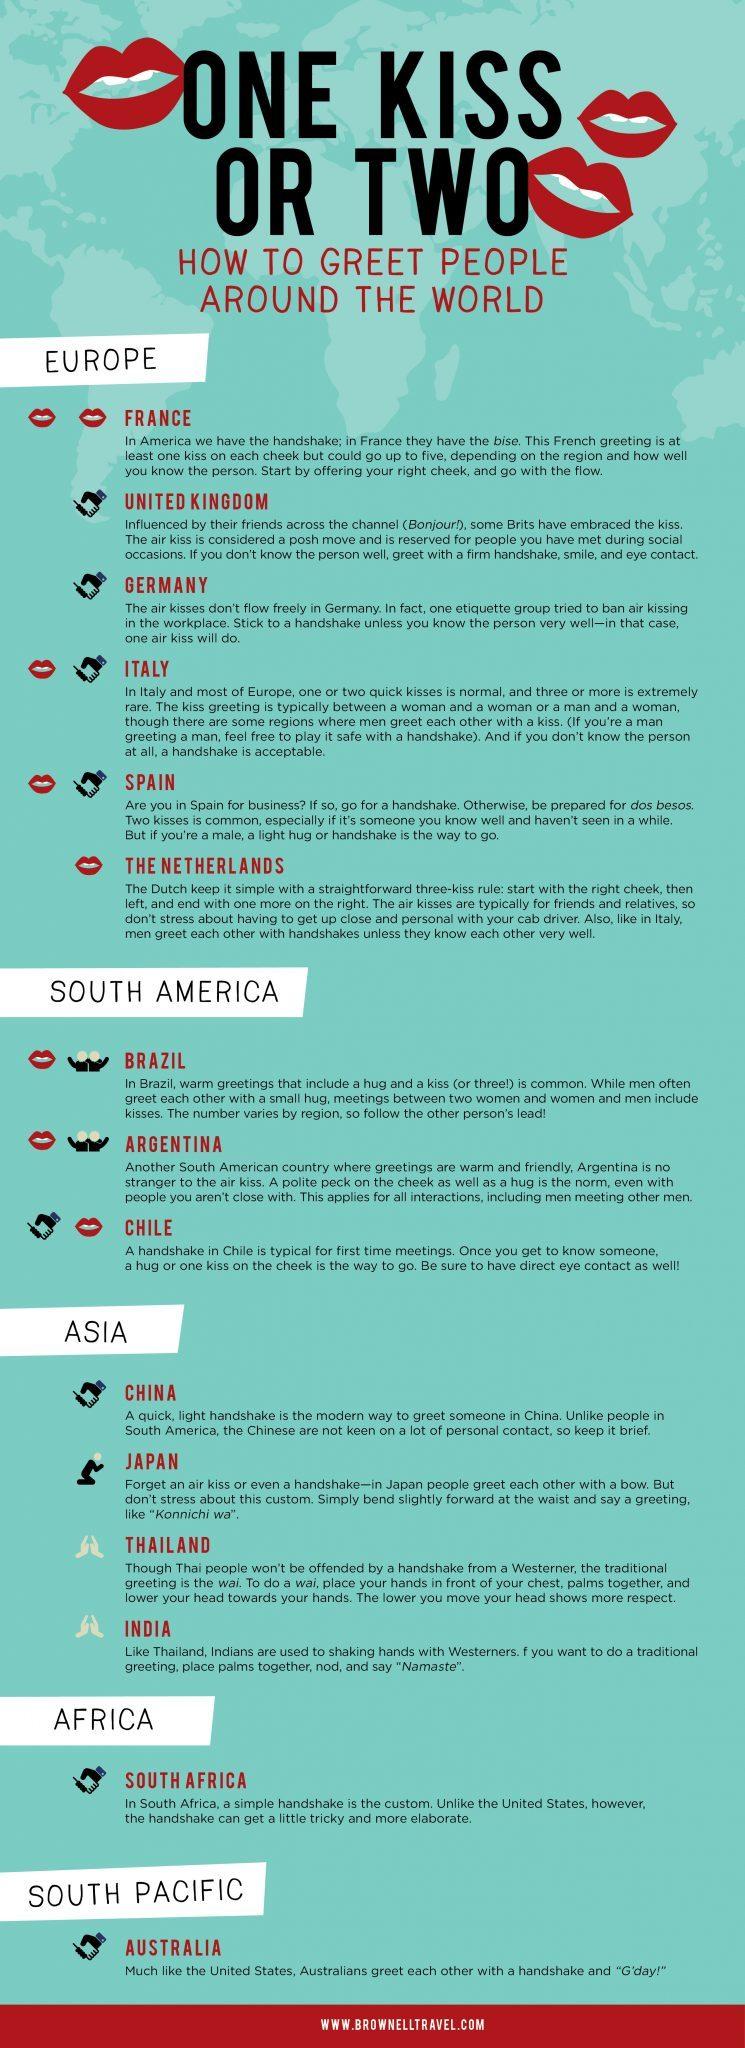 Een handig schemaatje van de kusetiquette in verschillende landen